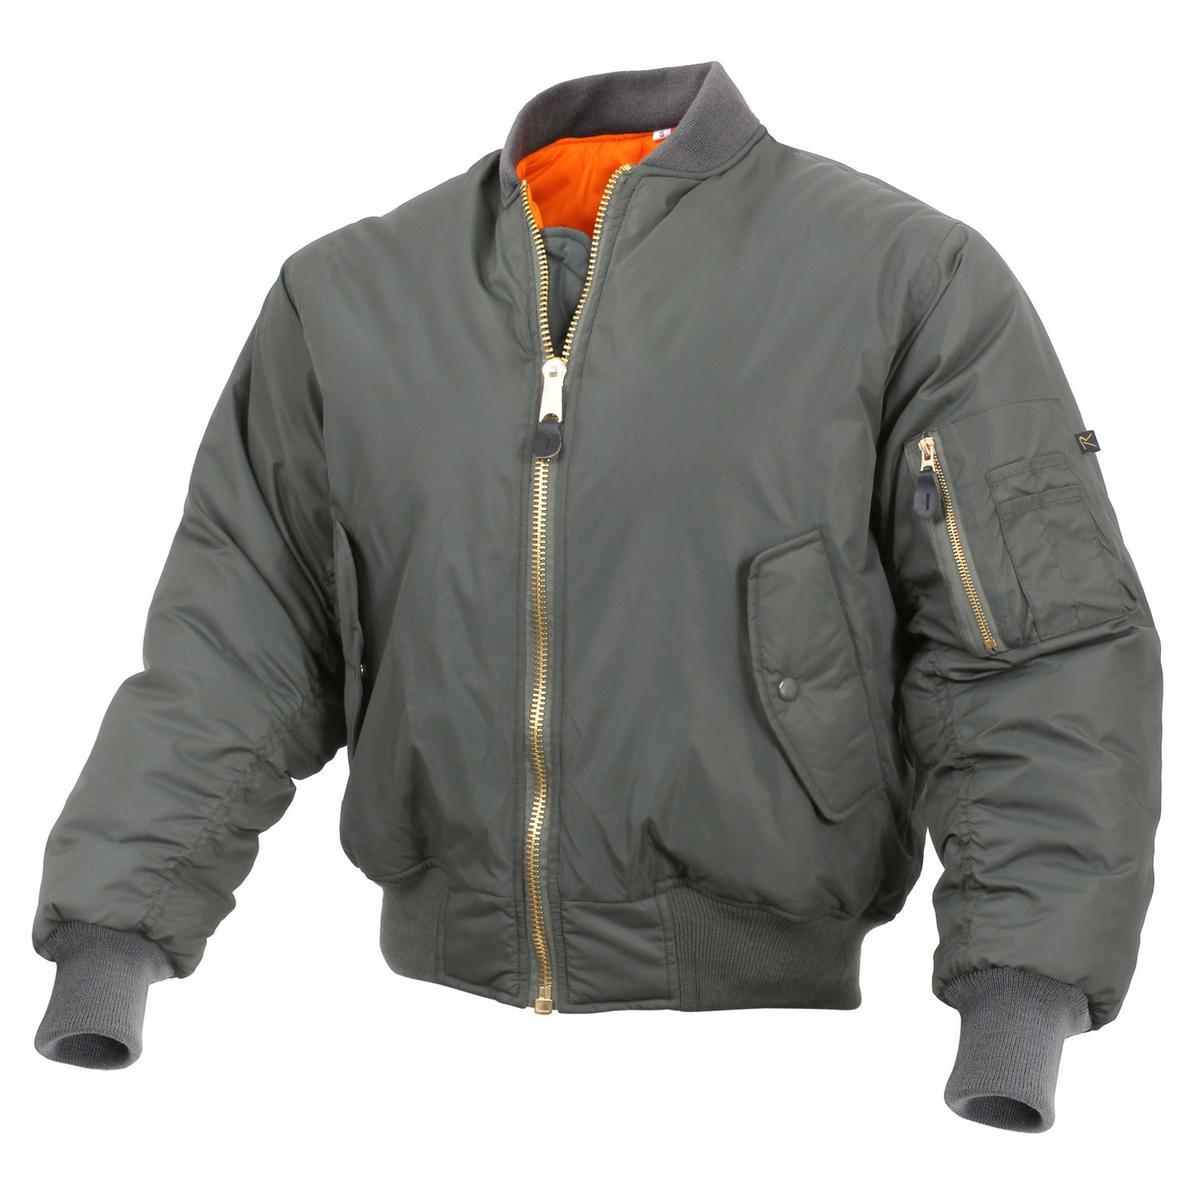 849e4225b Rothco Enhanced Nylon MA-1 Flight Jacket